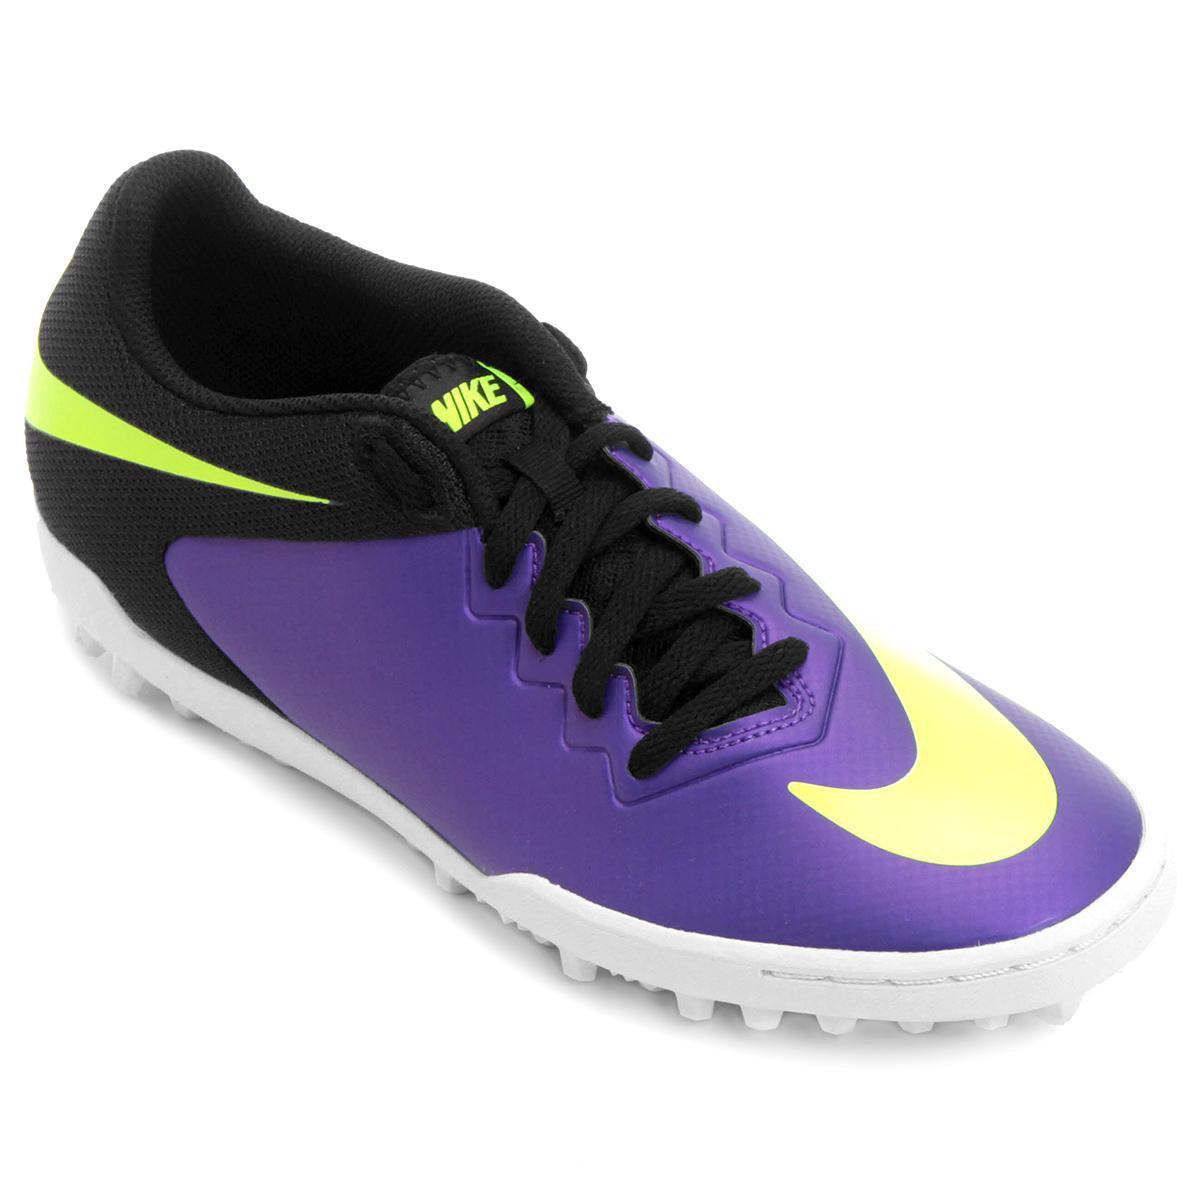 6e6f2abab1e52 Chuteira Society Nike Hypervenom Pro TF - Verde Limão e Roxo